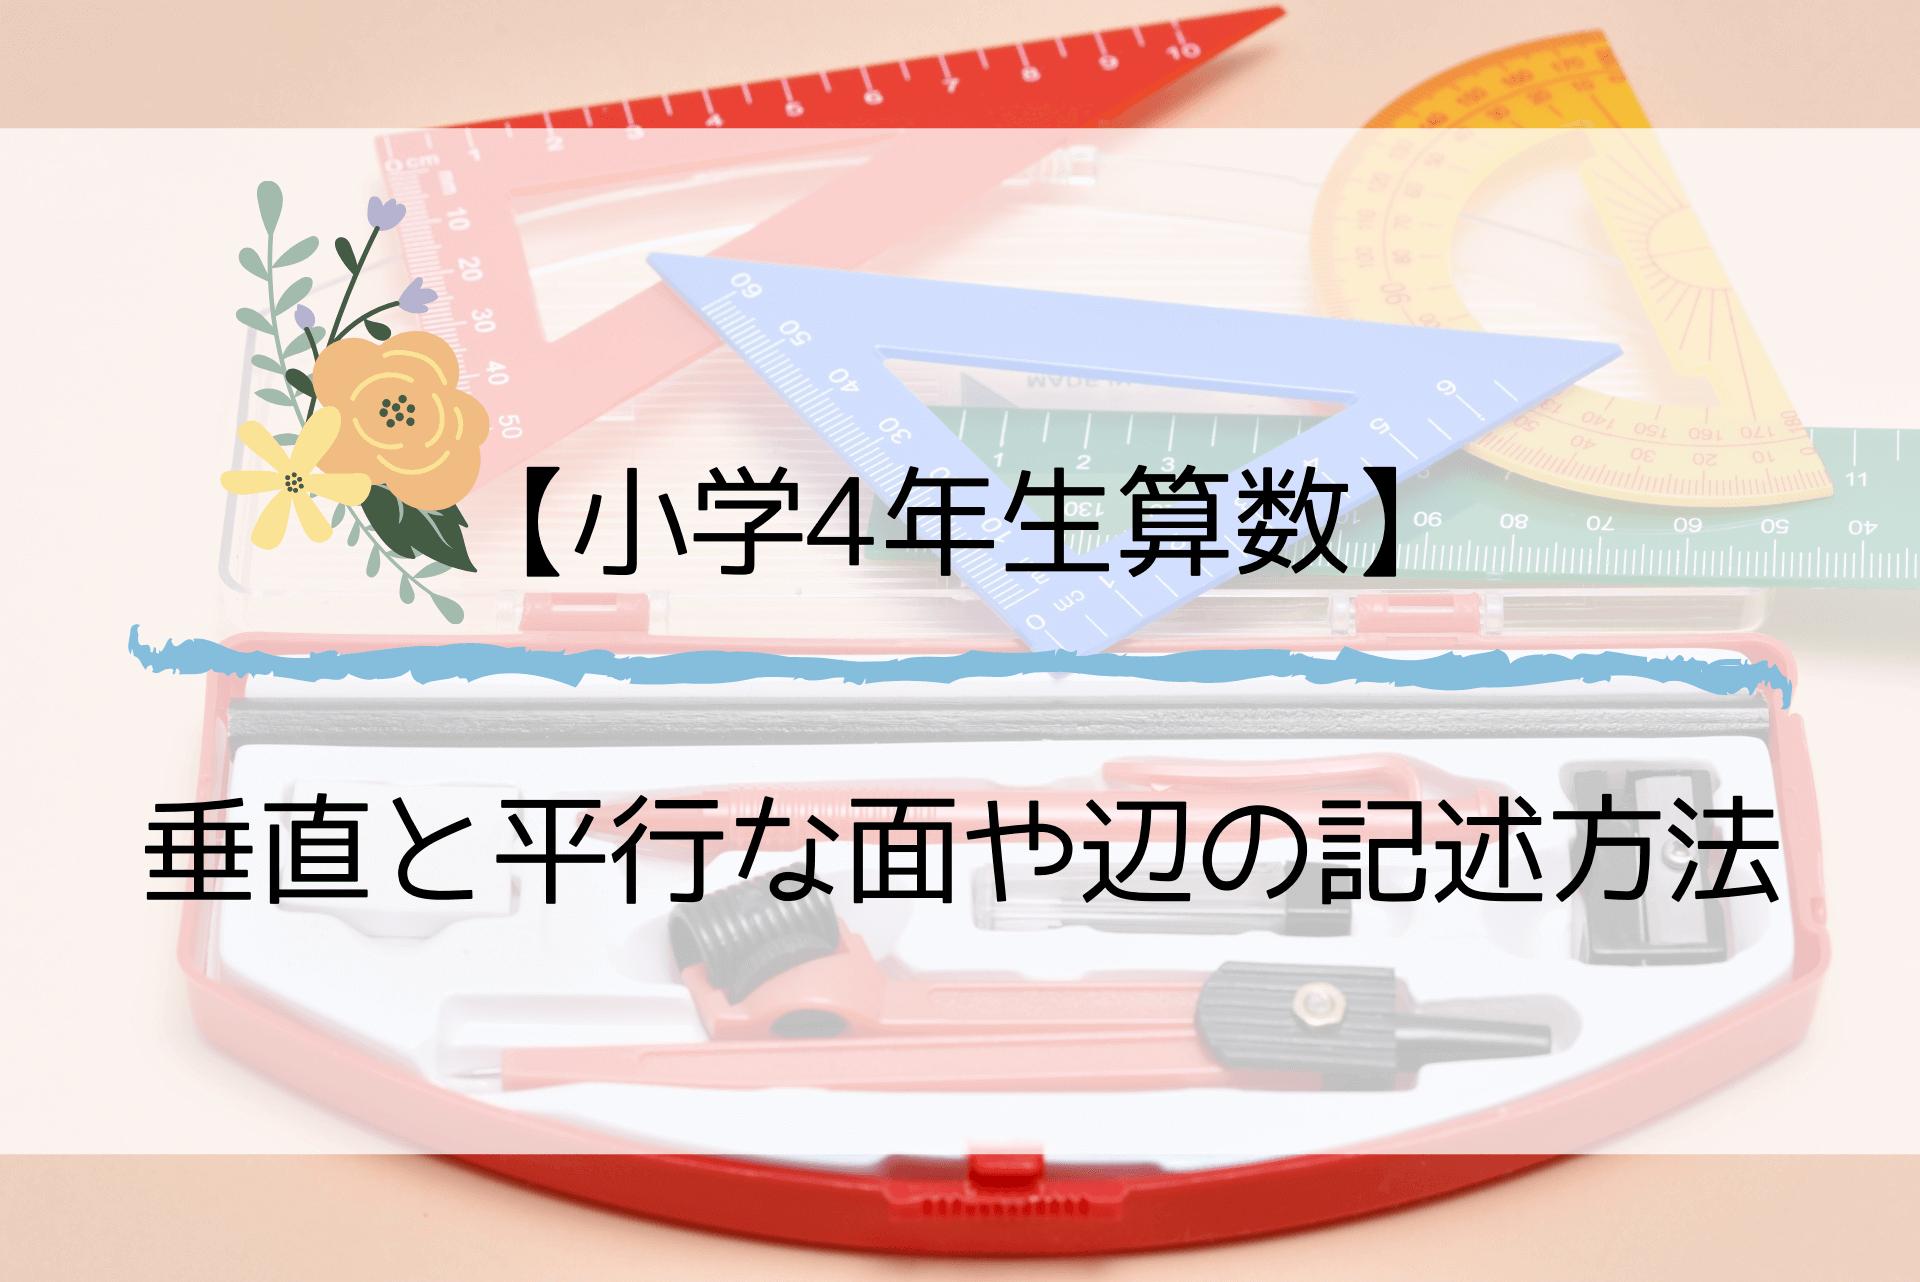 【小学4年生算数】垂直と平行な面や辺の記述方法